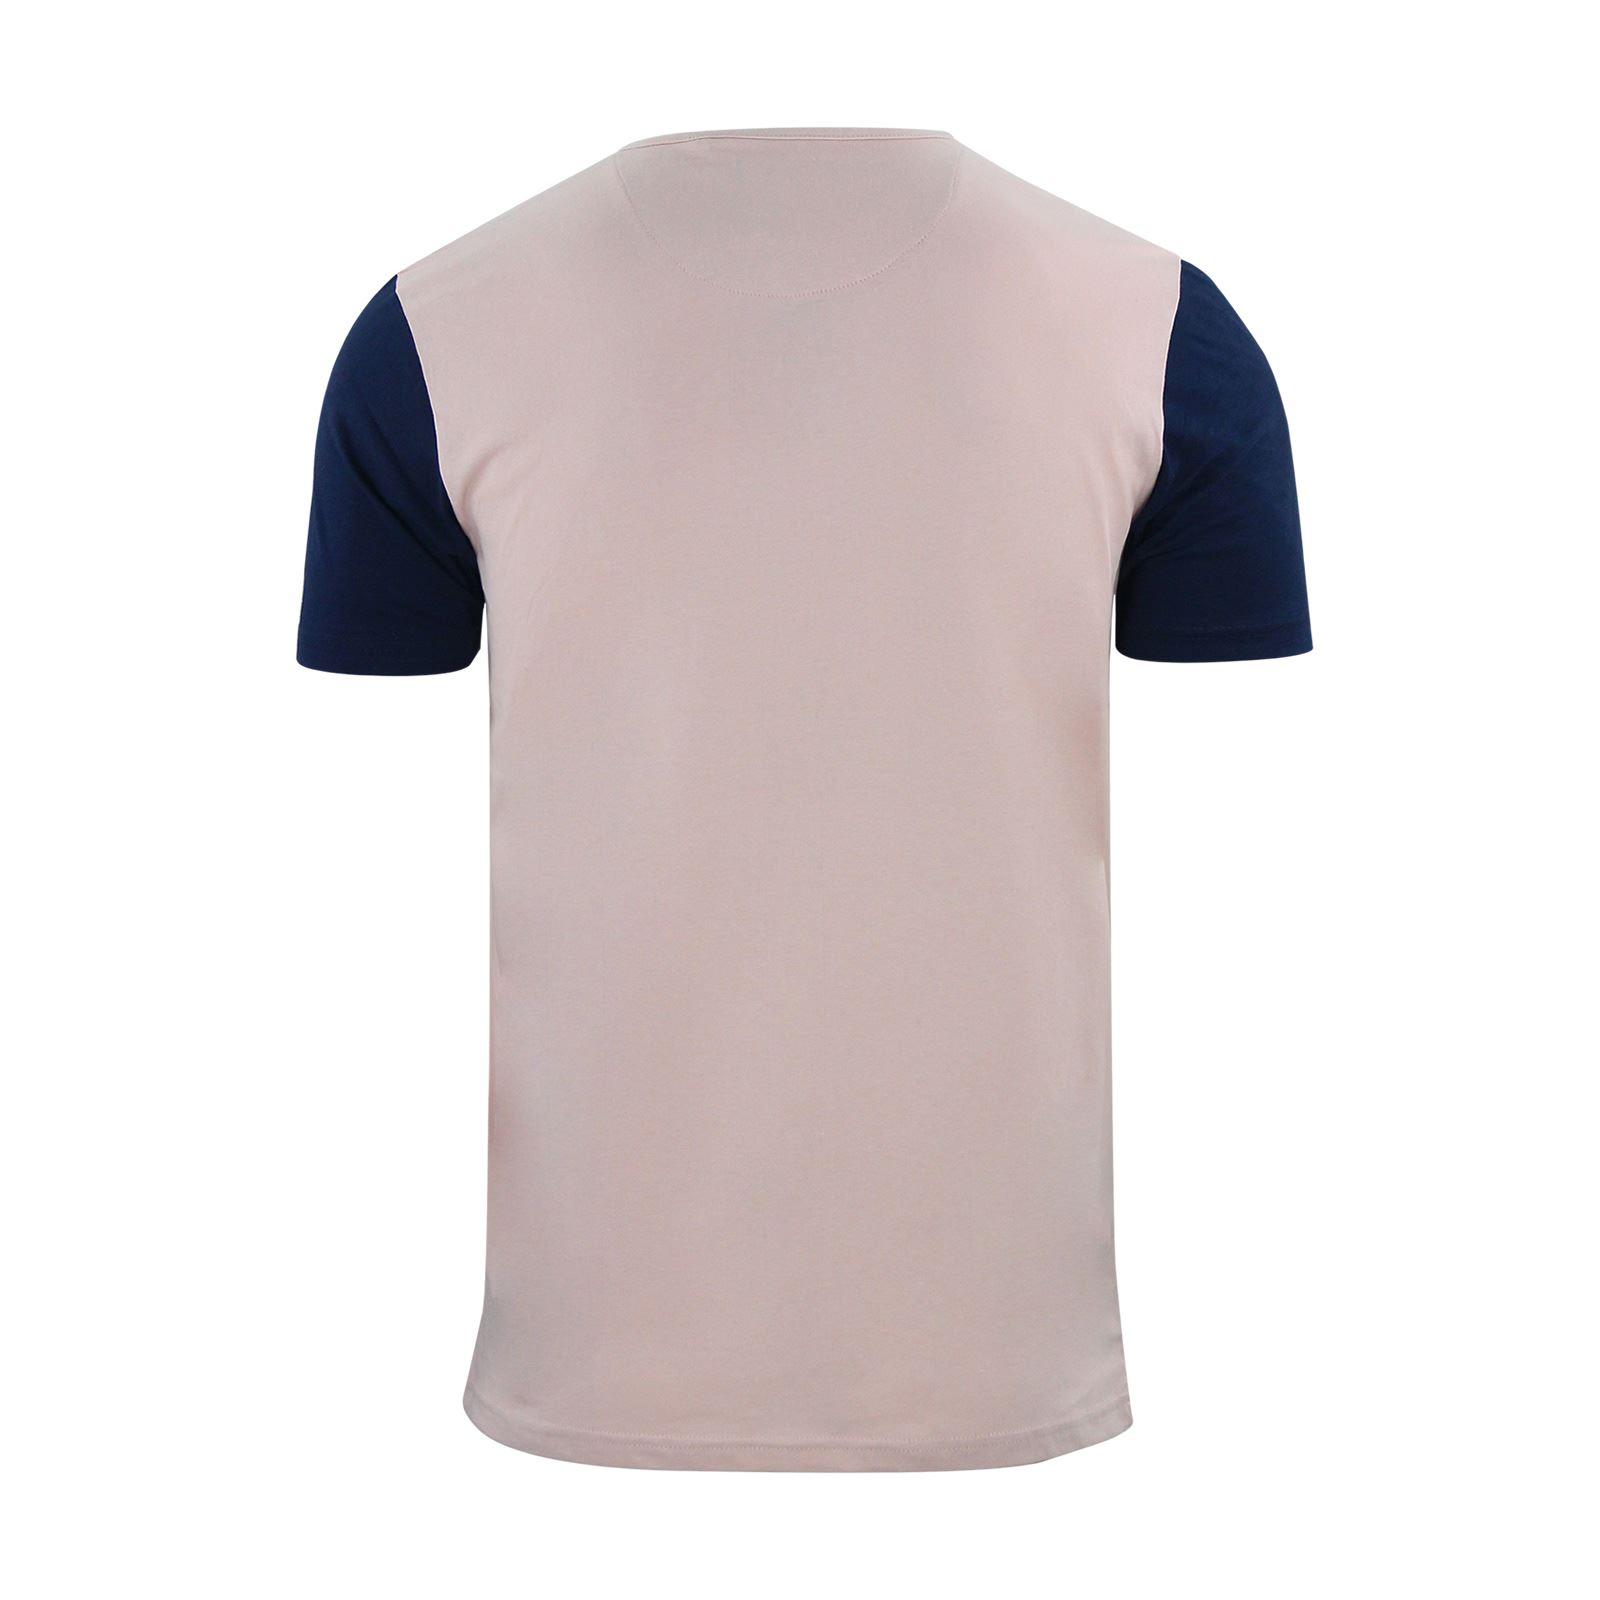 Brave-Soul-Quartz-Homme-T-Shirt-Grandad-Neck-manches-courtes-coton-tee miniature 13